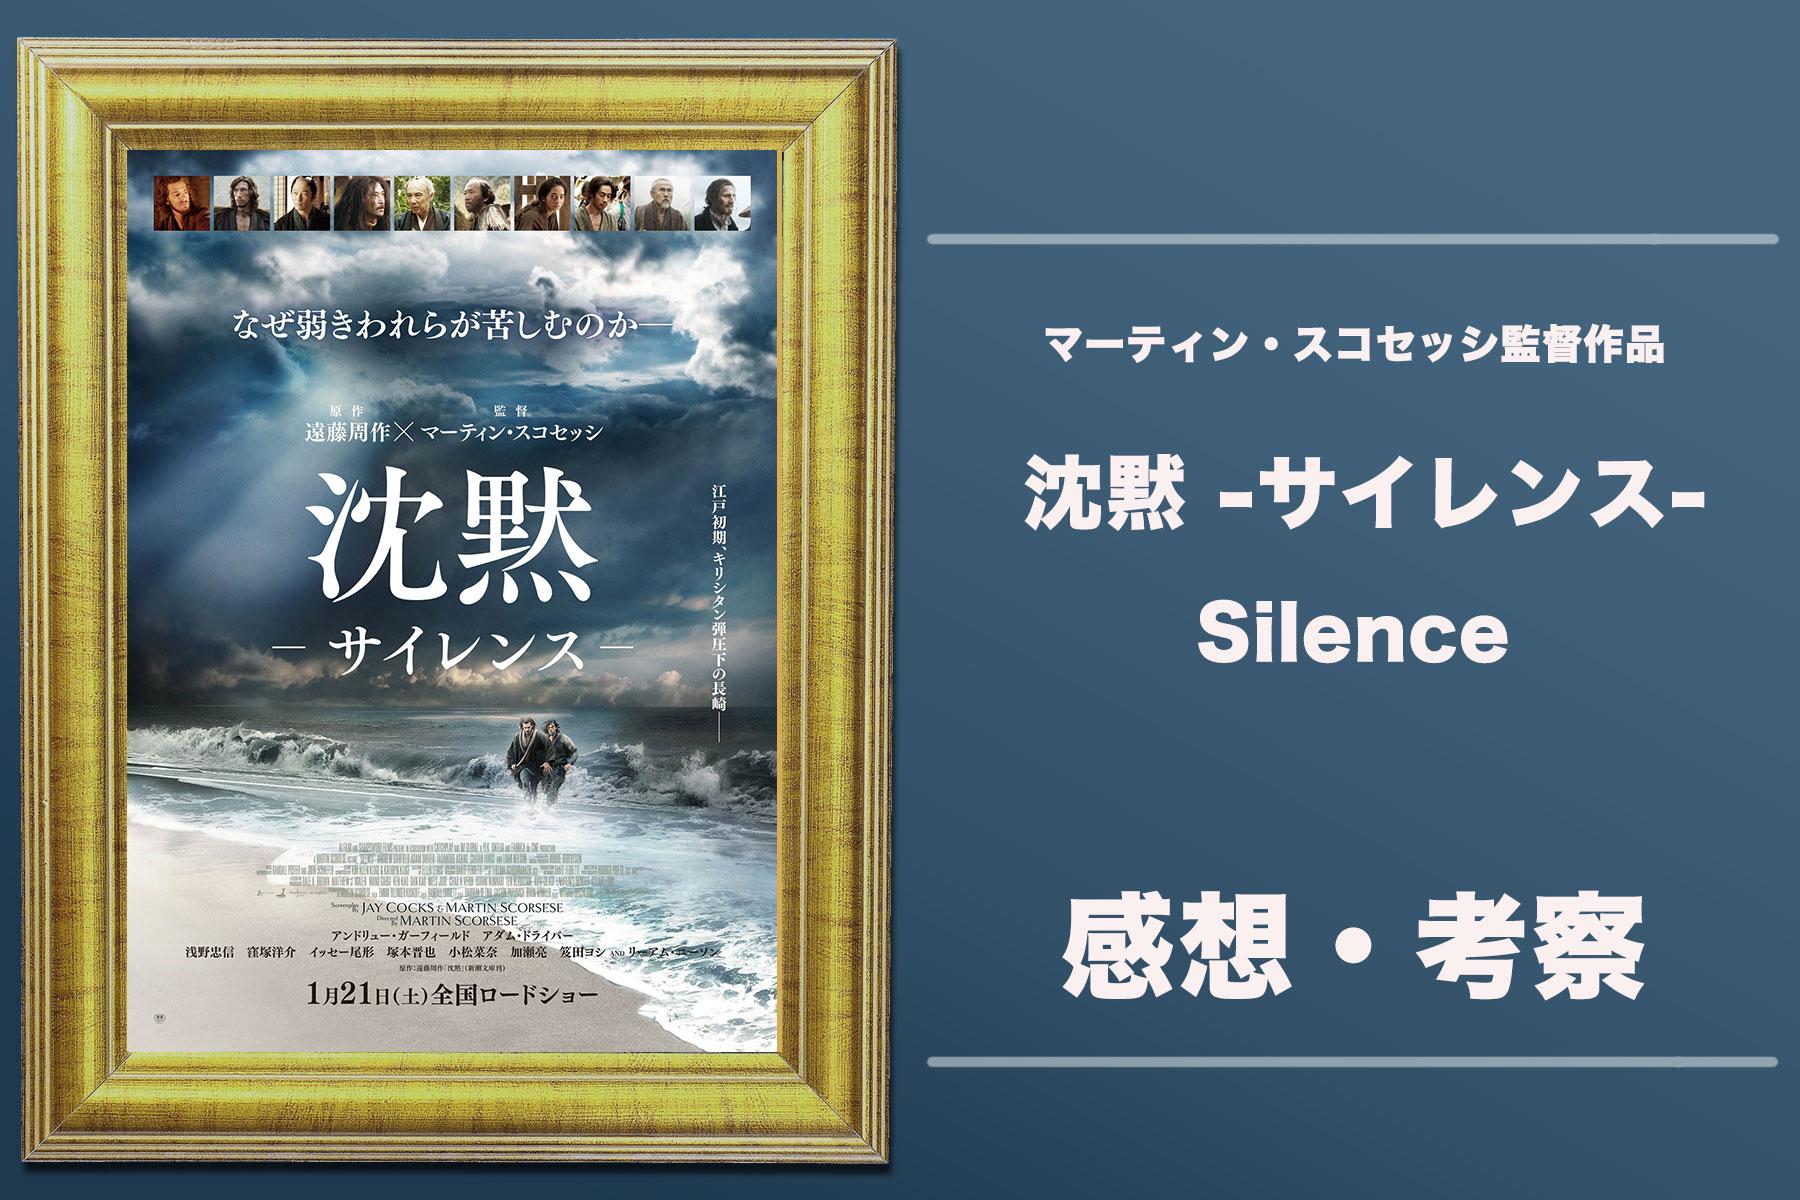 沈黙-サイレンス-感想・考察